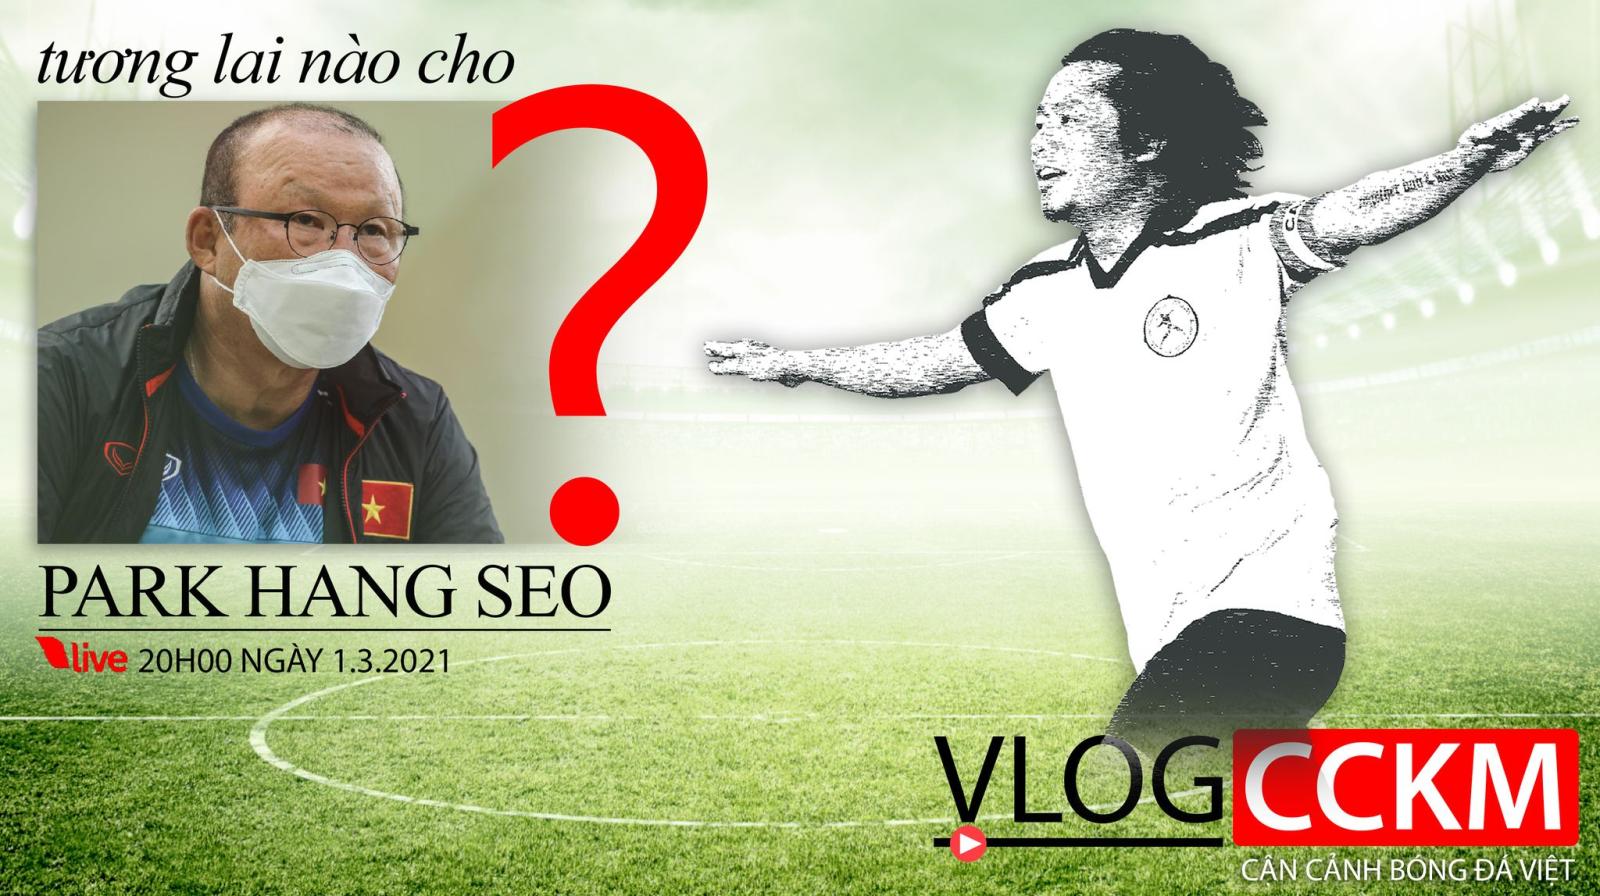 Park Hang Seo, bóng đá, lịch thi đấu, tuyển Việt Nam, Trần Hải, CCKM